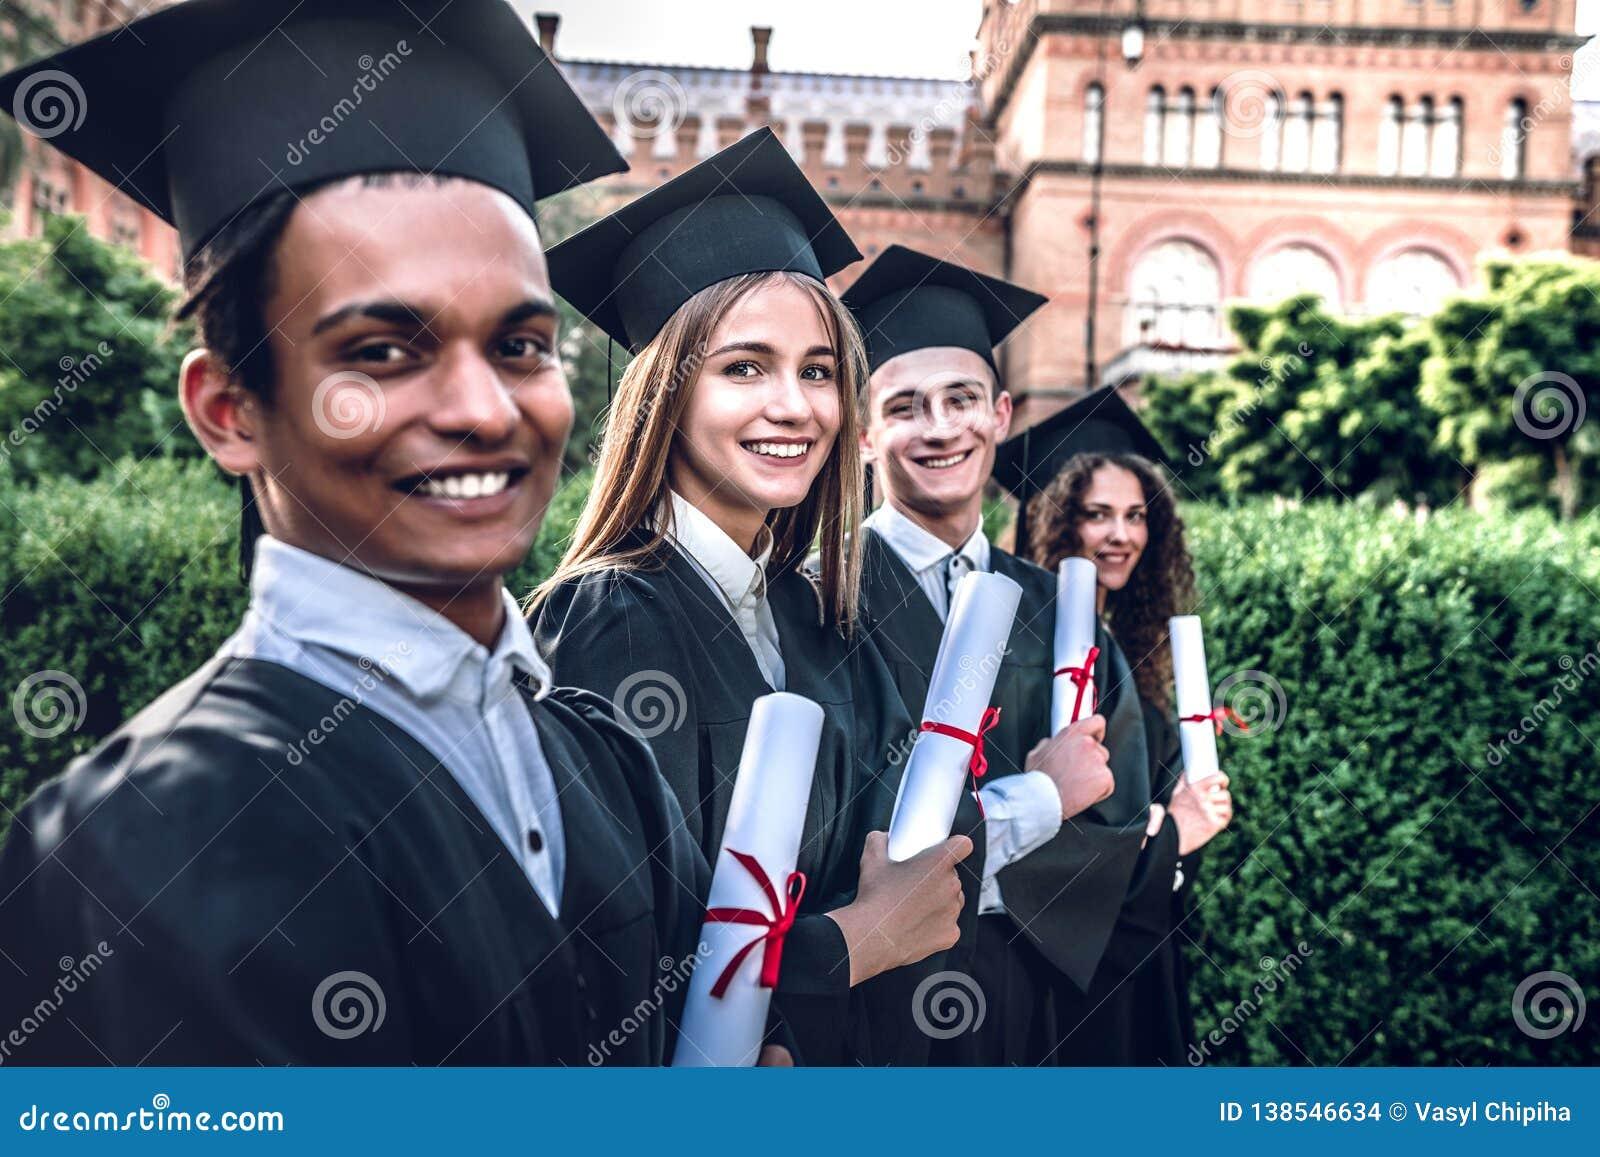 Kształcił i przygotowywa iść! Szczęśliwi absolwenci ono uśmiecha się stoją w uniwersytecki plenerowym w salopach z dyplomami w rę